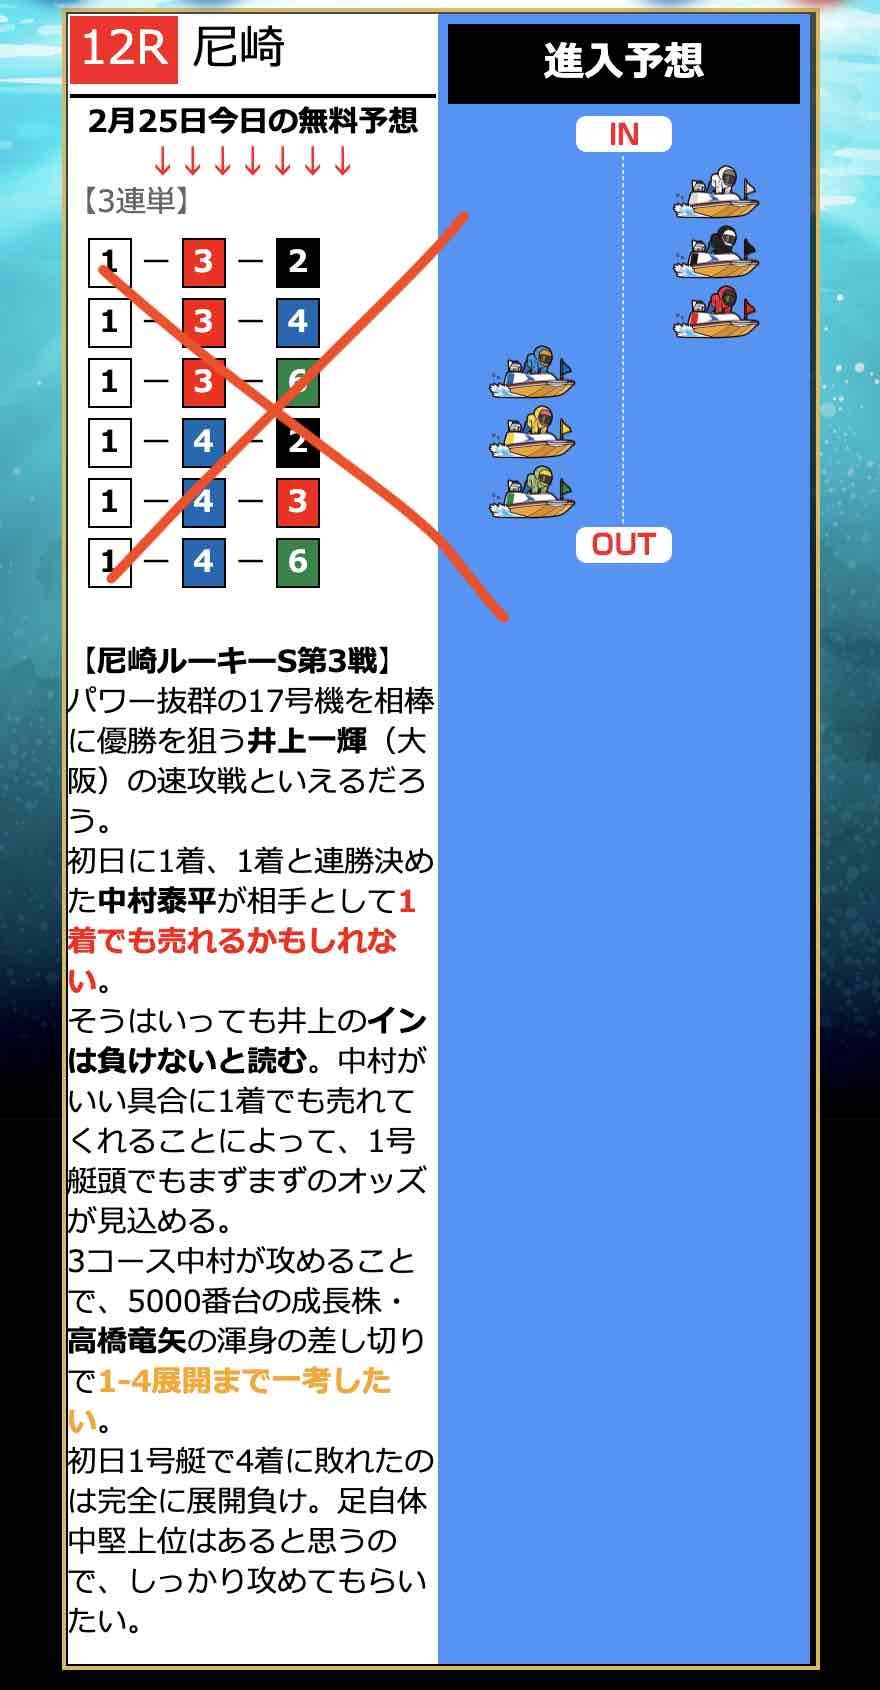 競艇ブルーオーシャンという競艇予想サイトの無料予想(無料情報)の抜き打ち検証